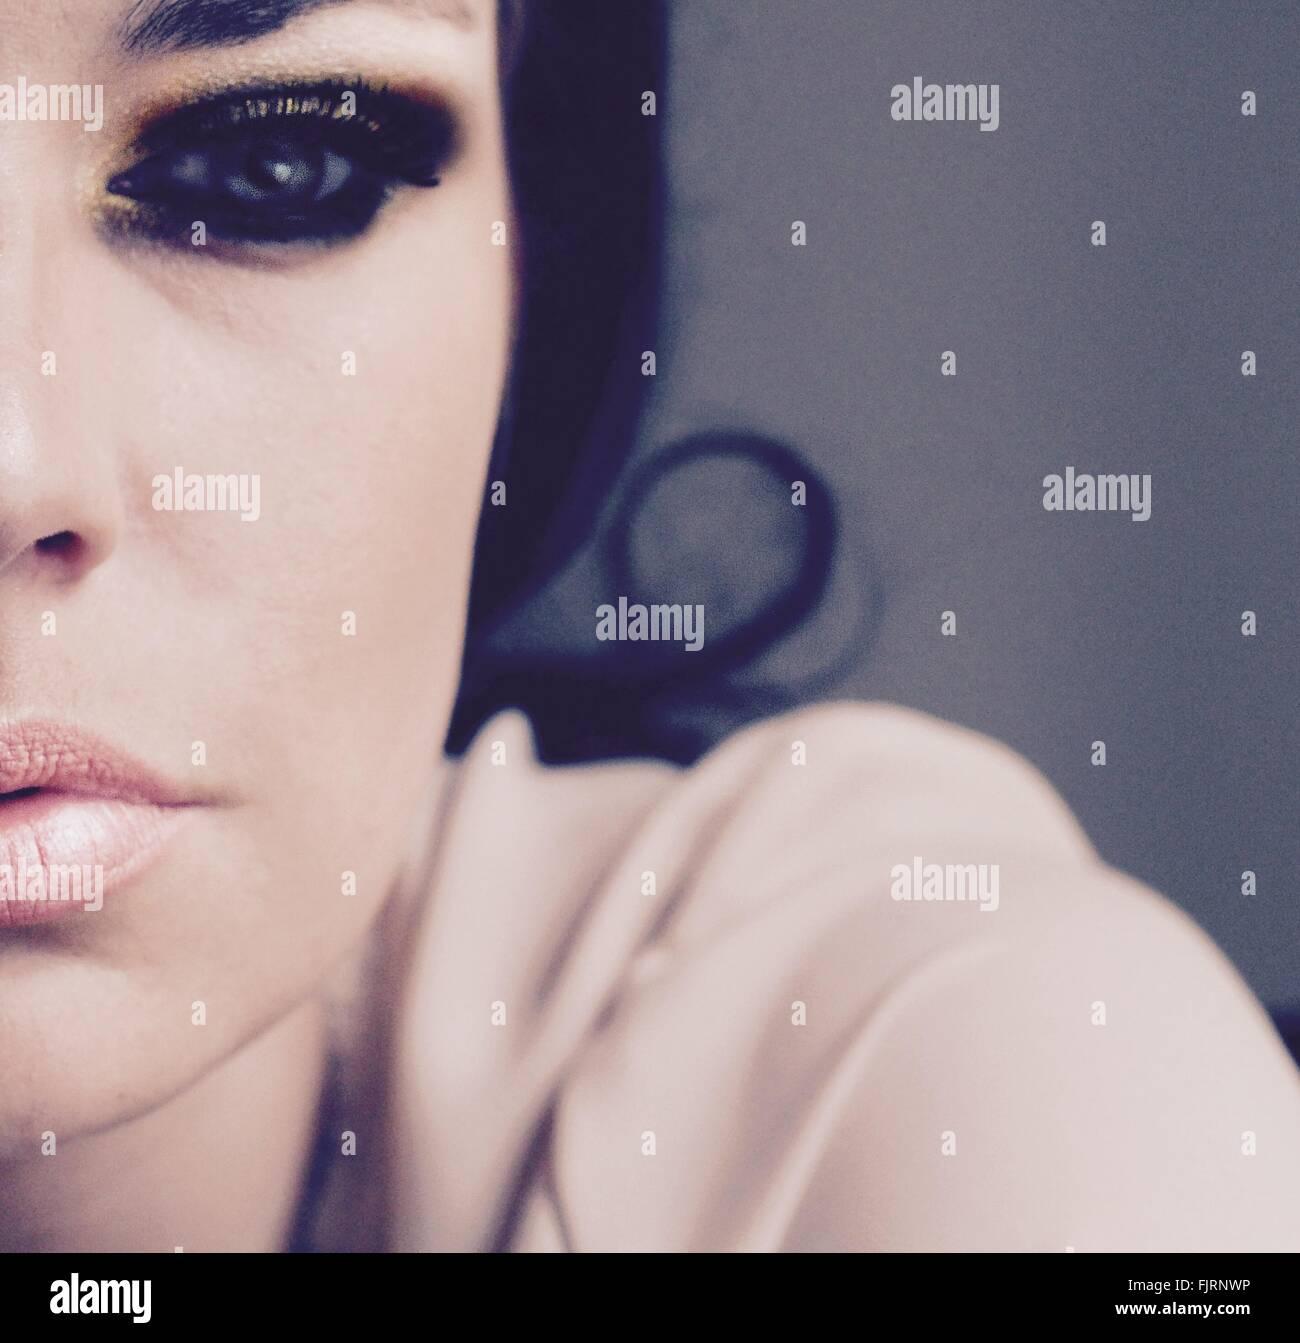 Primer plano de la mujer en el ojo maquillaje Imagen De Stock